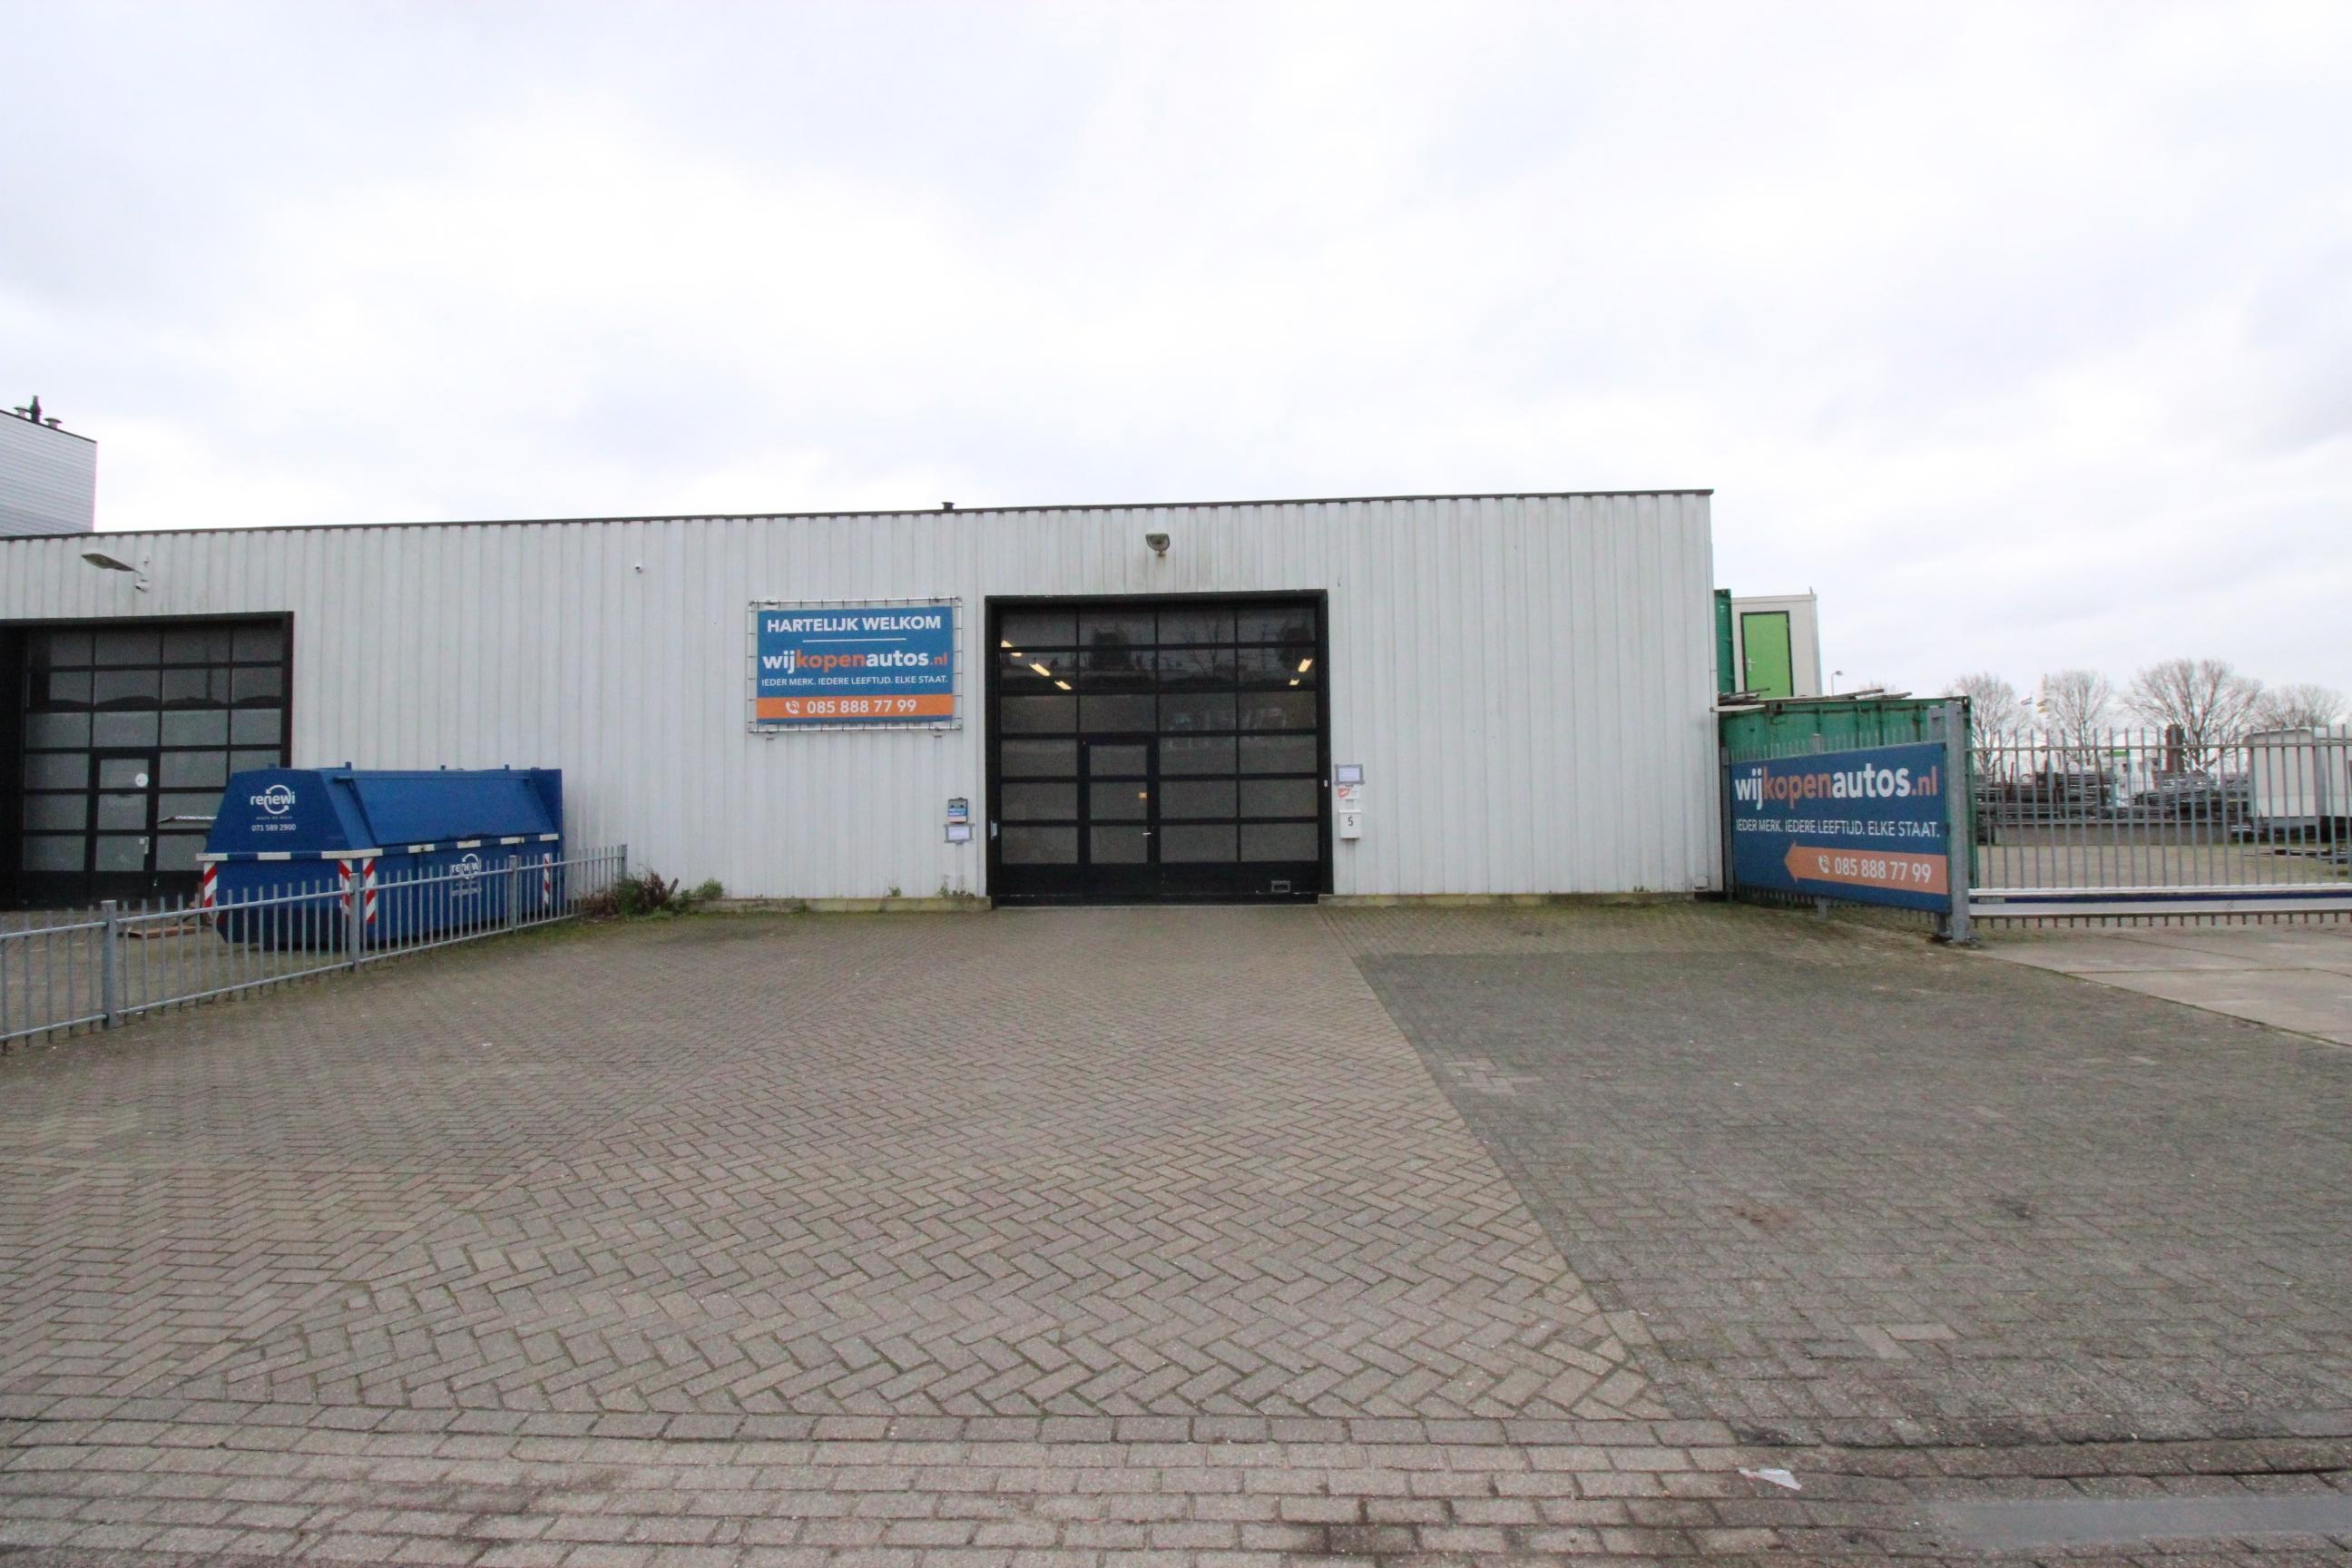 Te huur: Te huur bedrijfspand van circa 460 m² met 8 eigen parkeerplaatsen op industrieterrein Rijnhaven-Oost.